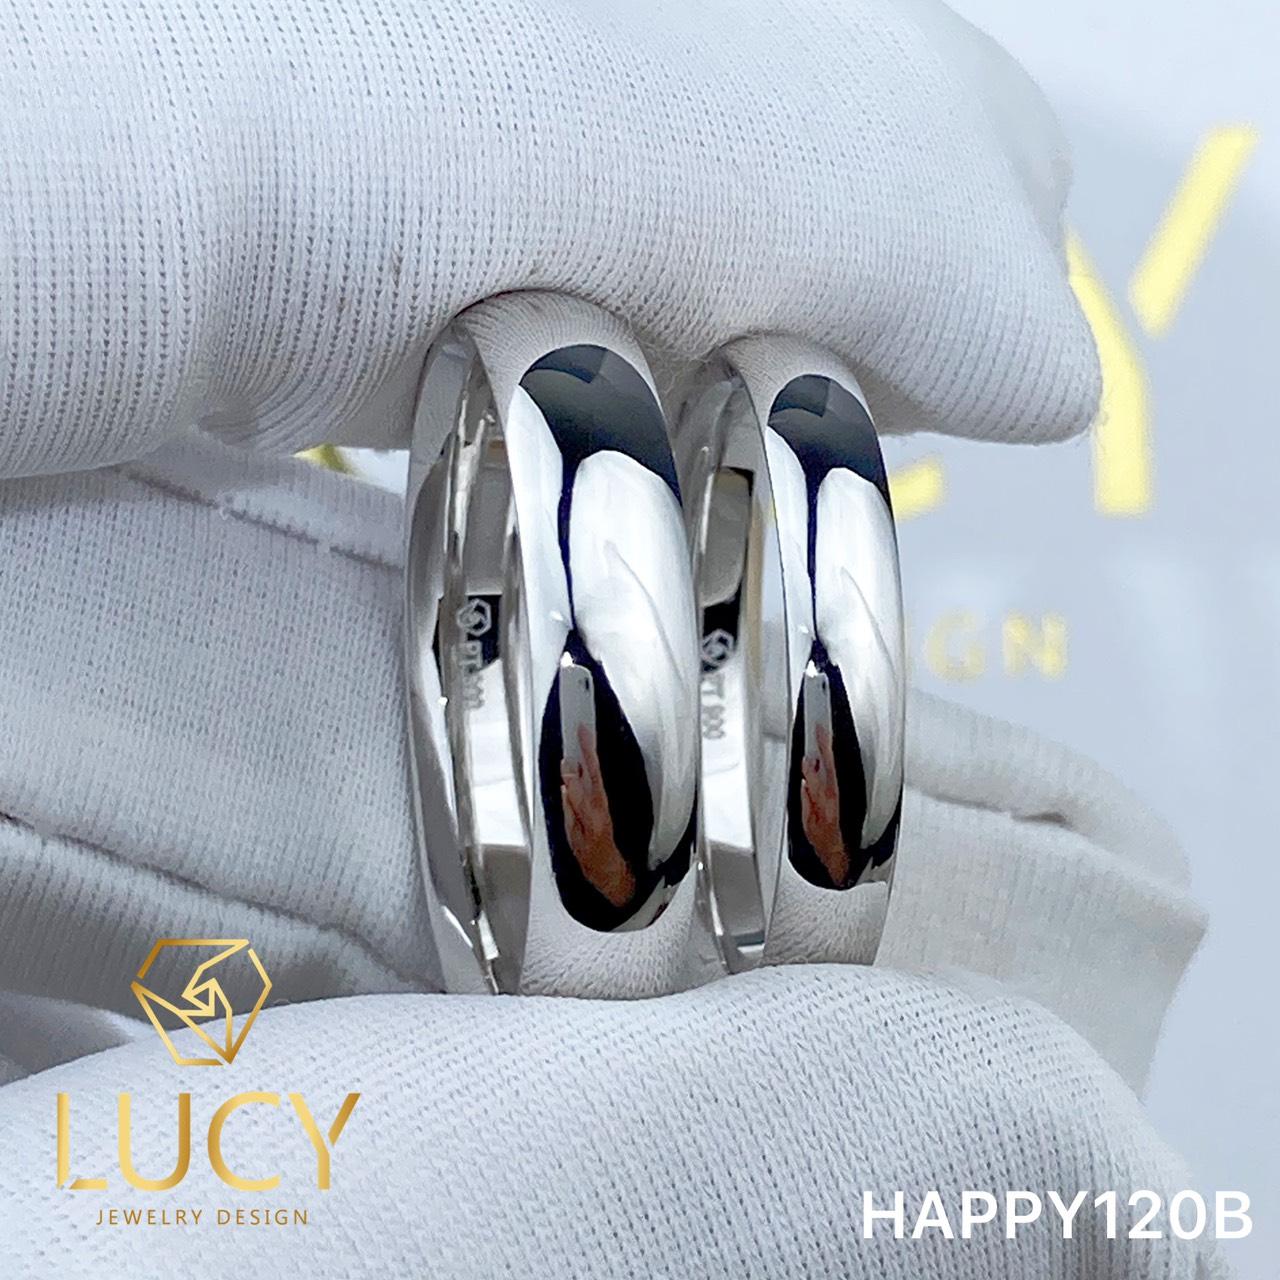 HAPPY120B Nhẫn cưới trơn đẹp vàng tây, vàng trắng, vàng hồng 10k 14k 18k, Bạch Kim Platinum PT900 - Lucy Jewelry